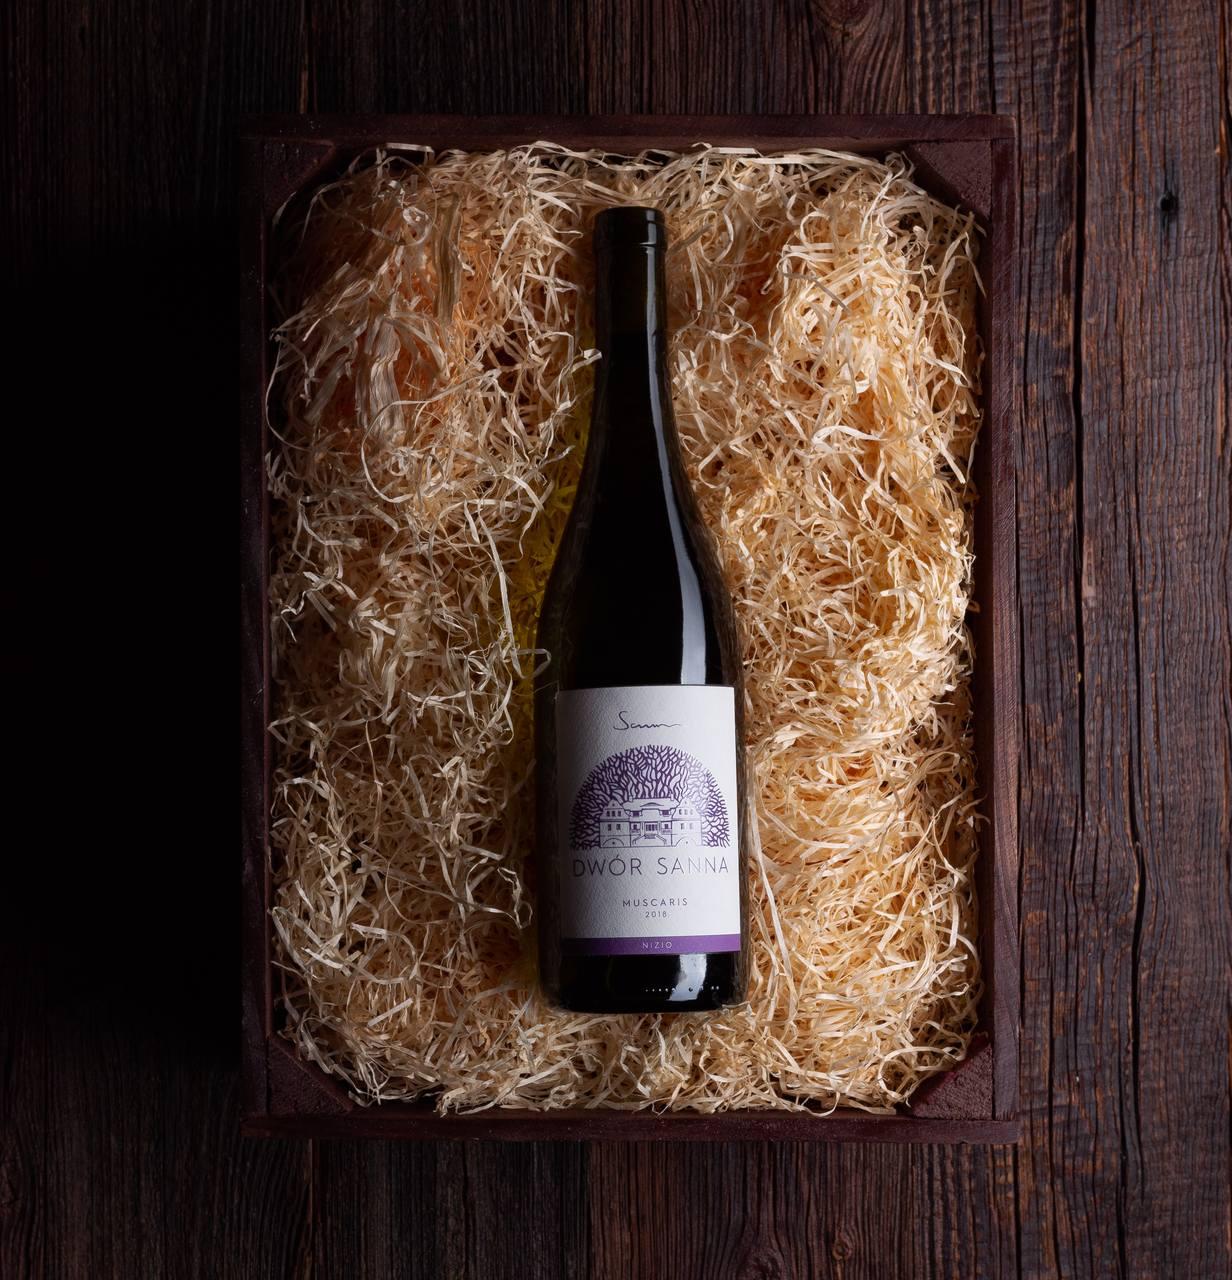 zdjęcie produktowe wina